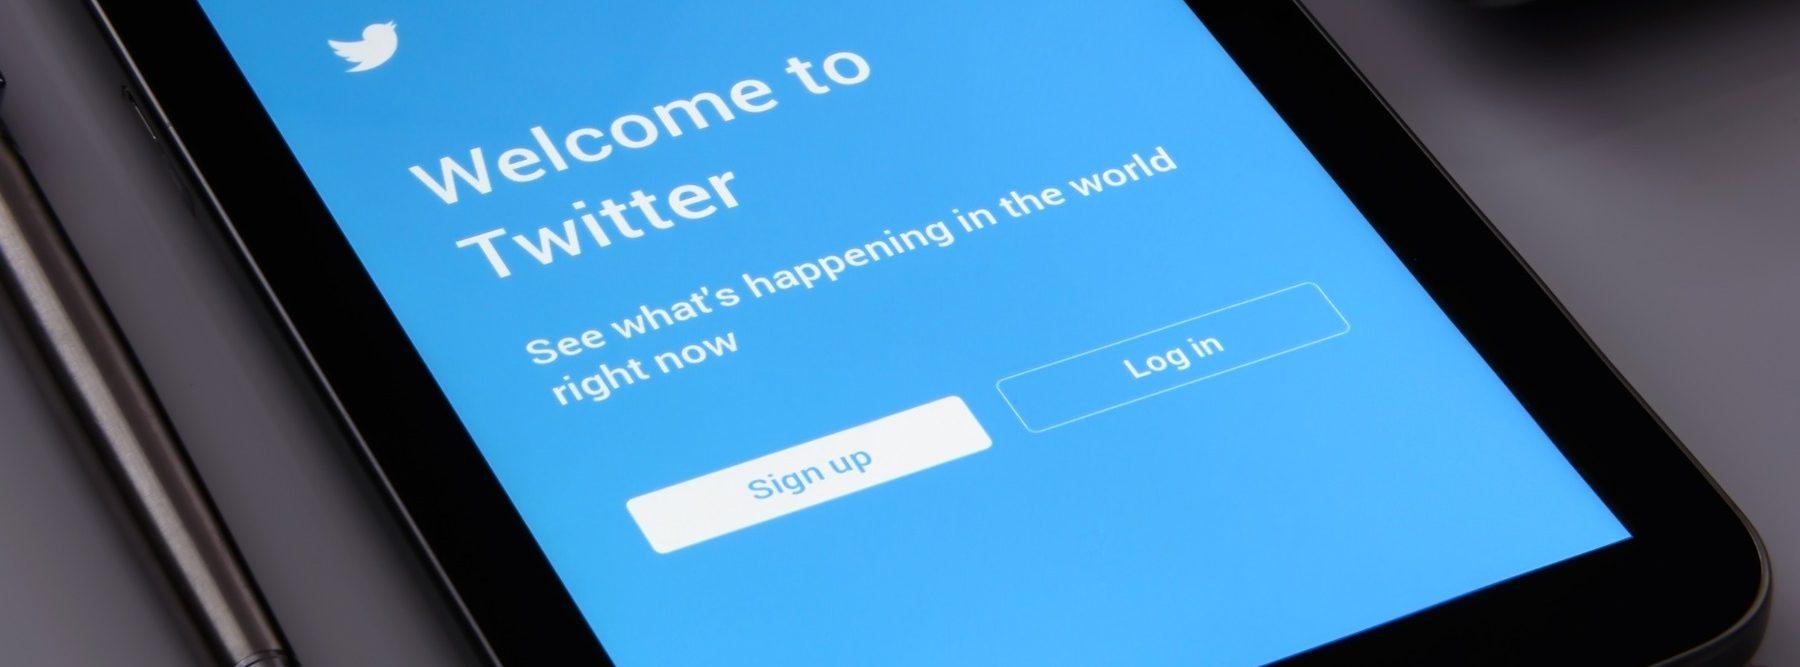 Un bug de Twitter expuso la ubicación de los usuarios de iOS